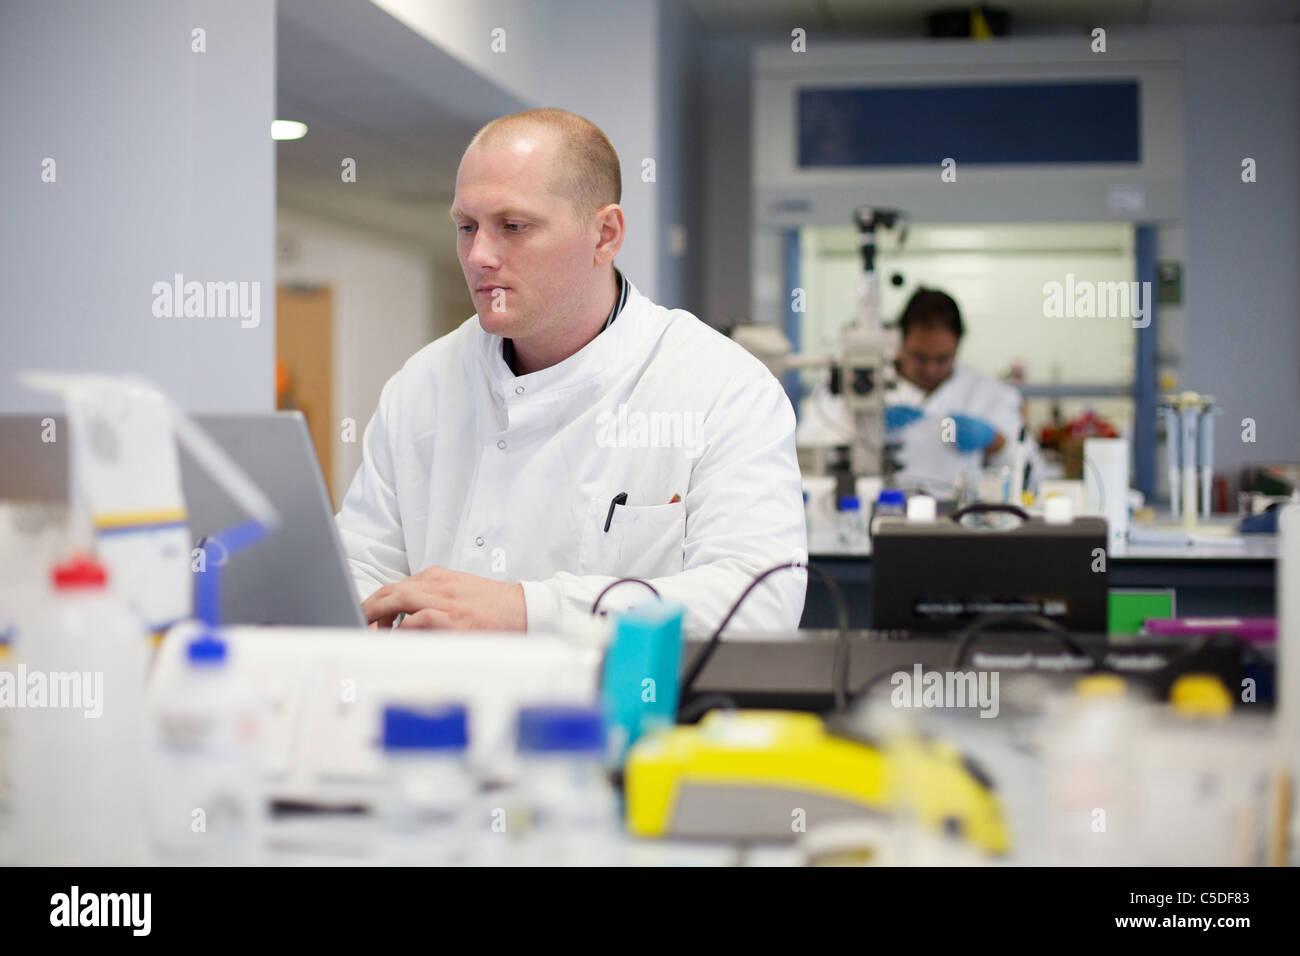 Miércoles, 6 de julio de 2011 en el trabajo técnico de laboratorio en la Universidad Metropolitana de Imagen De Stock